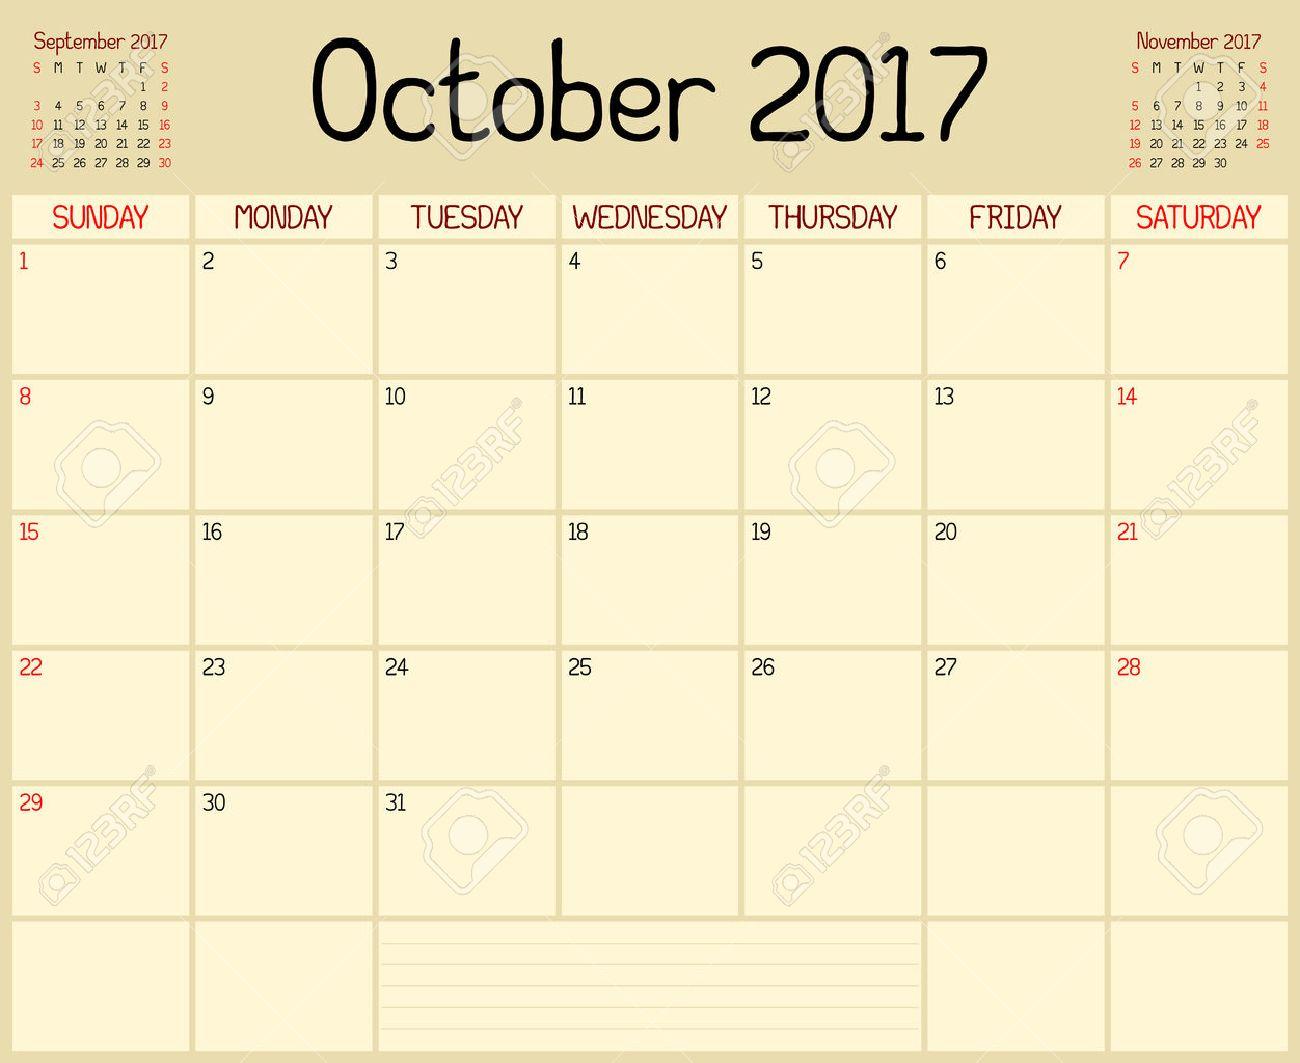 Année 2017 Octobre Planner Un Calendrier De Planification Mensuelle Pour Octobre 2017 Un Style Manuscrit Personnalisé Est Utilisé